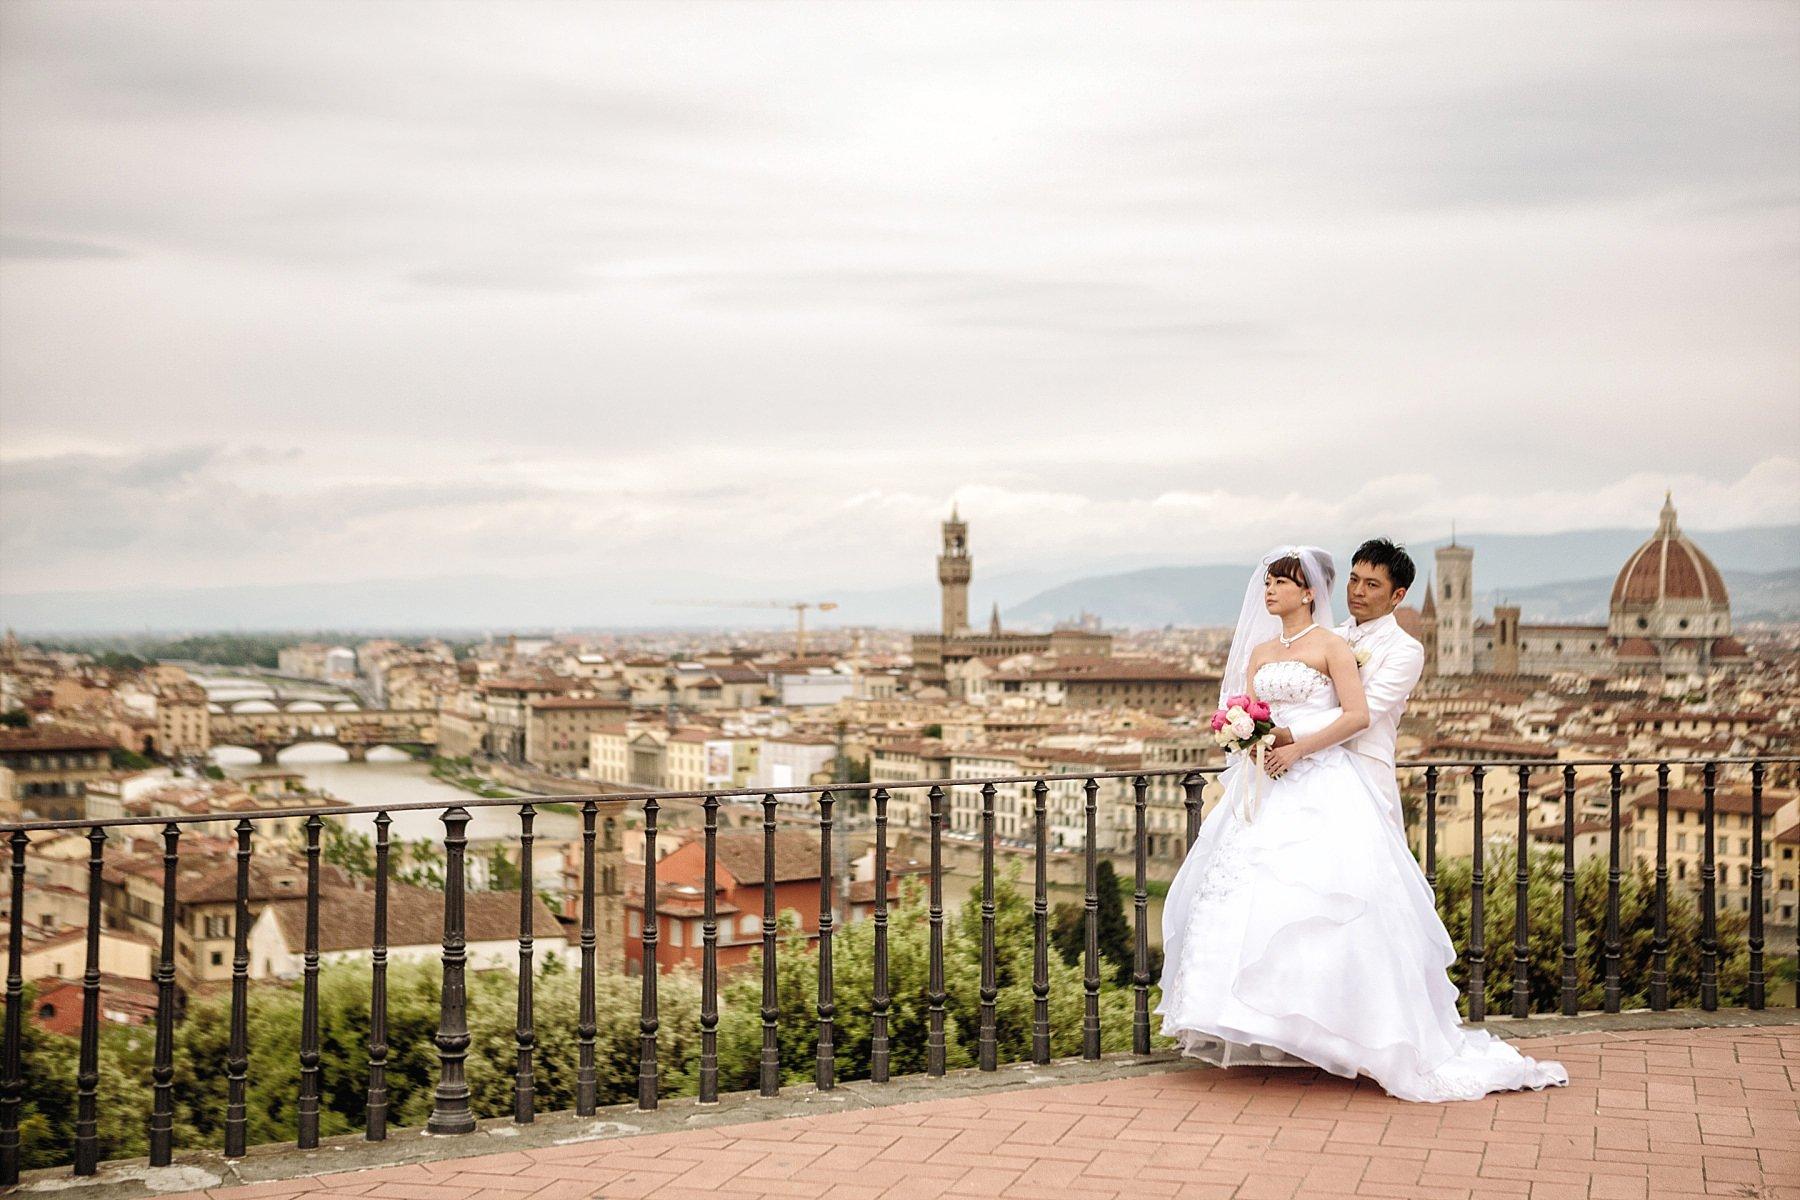 Fotografia di matrimonio a Firenze al Piazzale Michelangelo